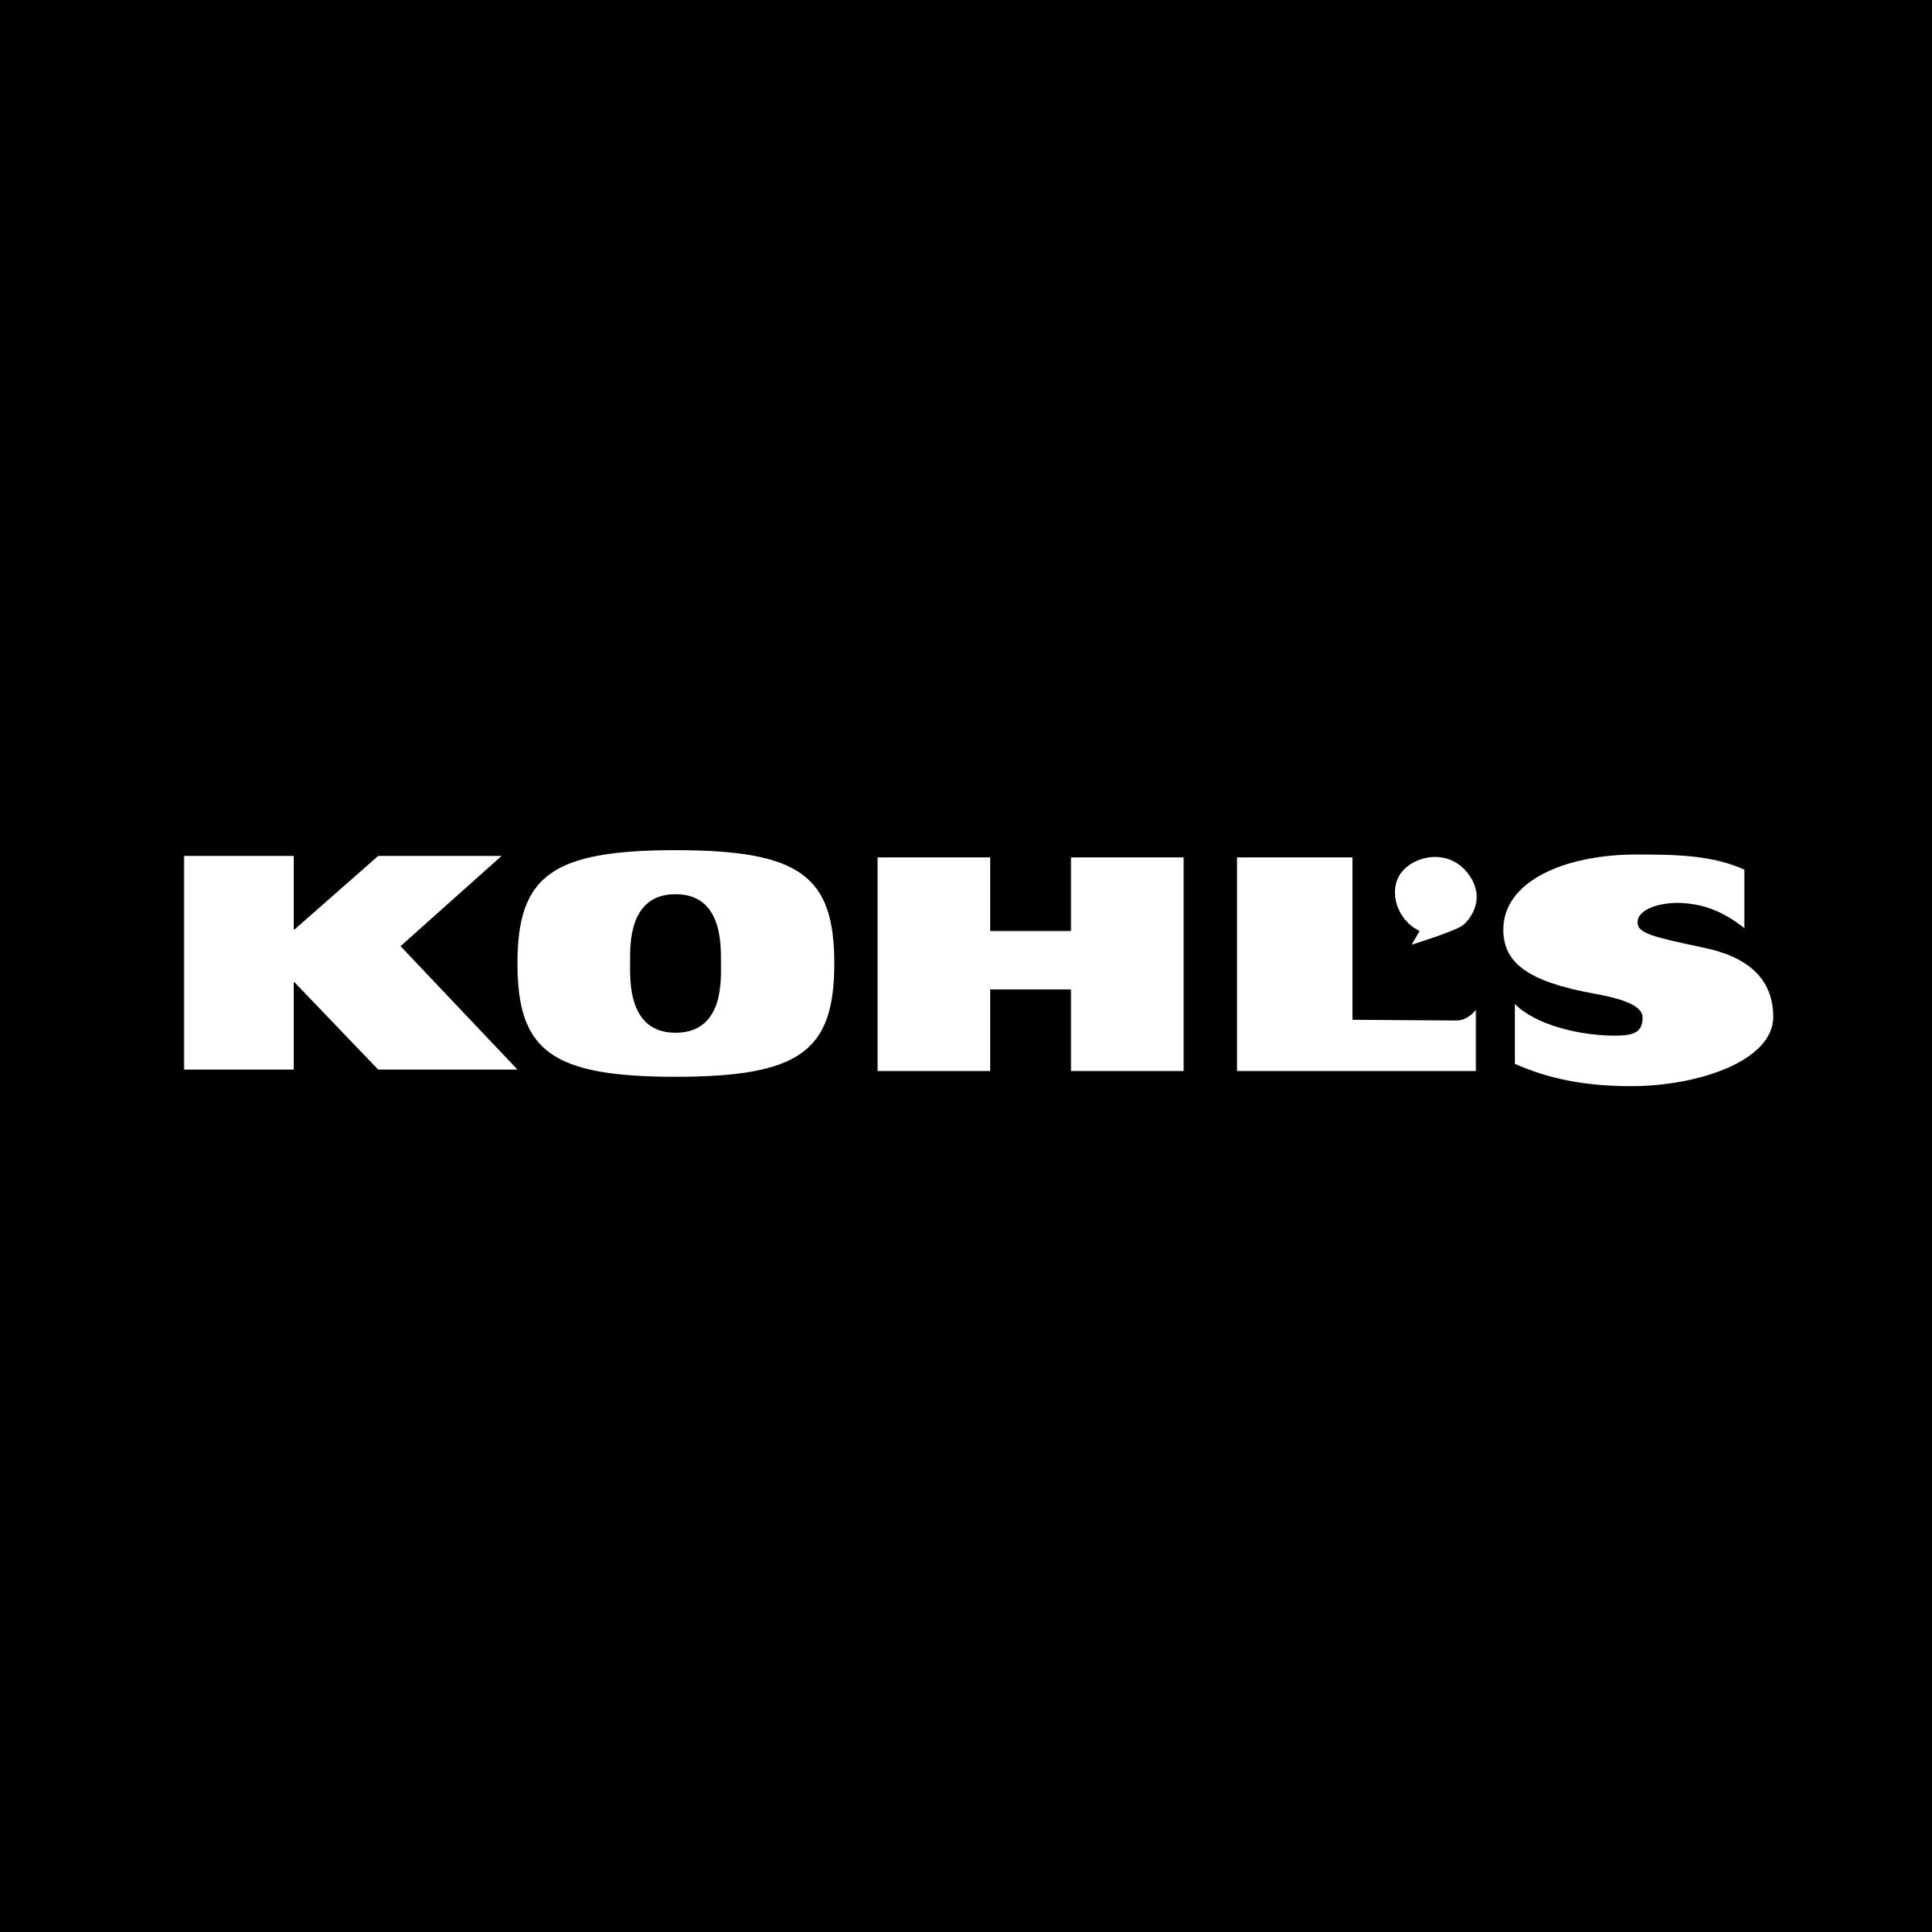 Kohl's Logo PNG Transparent & SVG Vector.